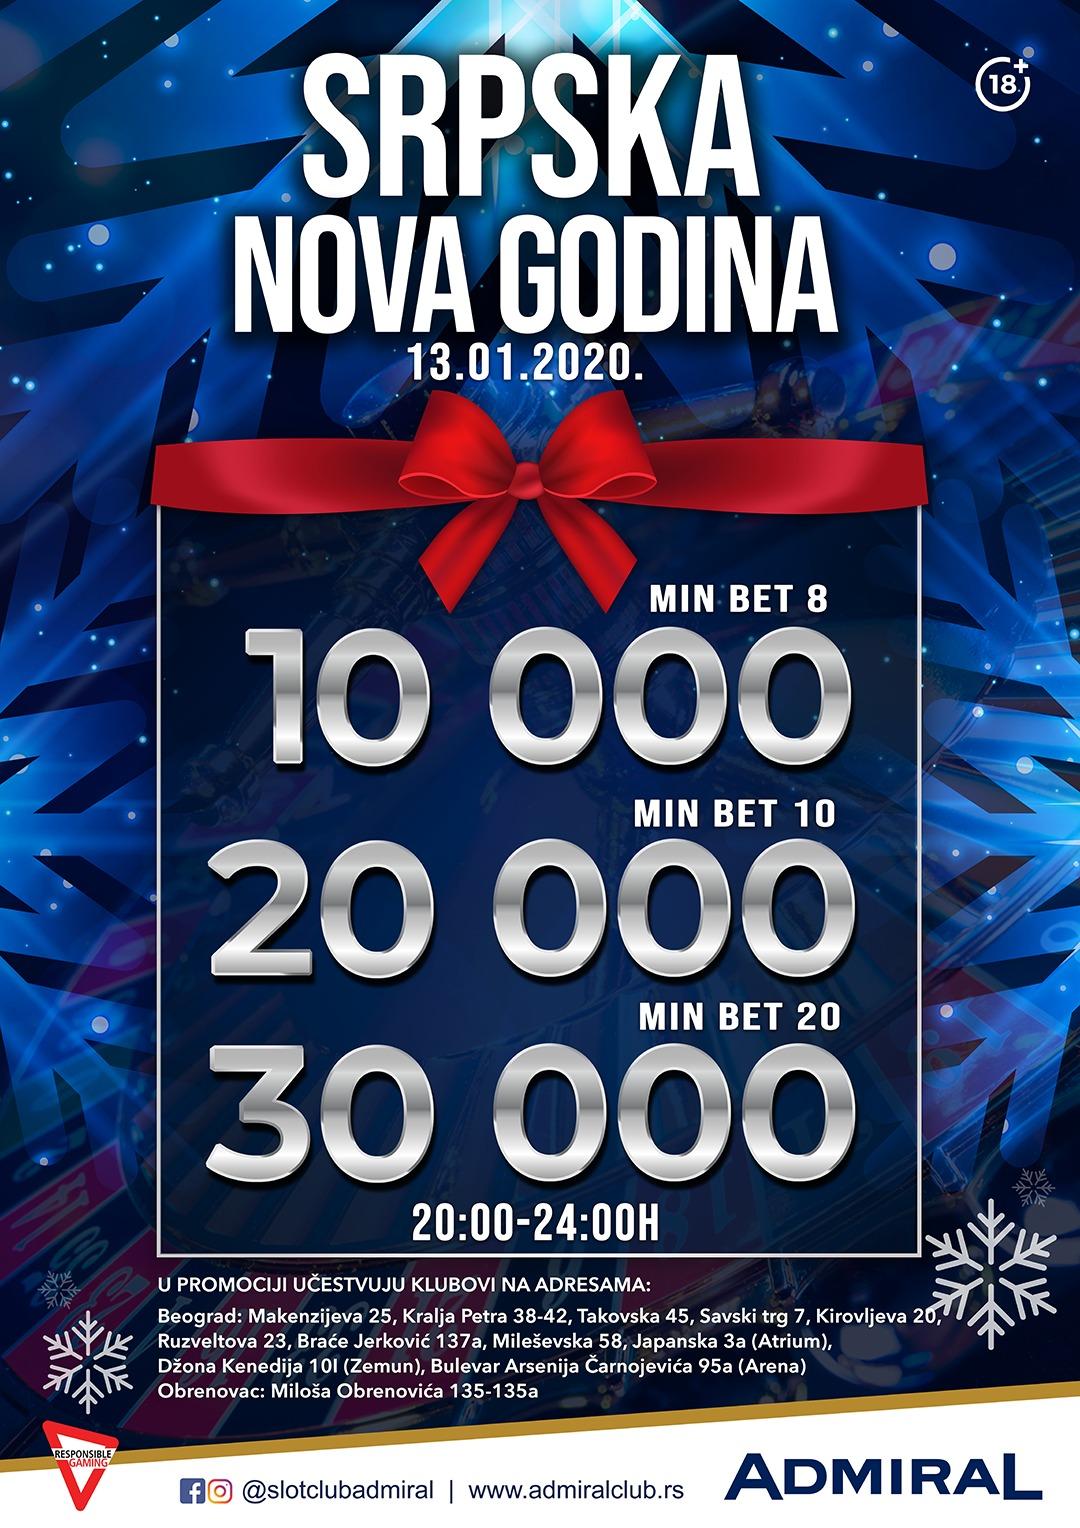 Srpska nova godina 1 – atrium